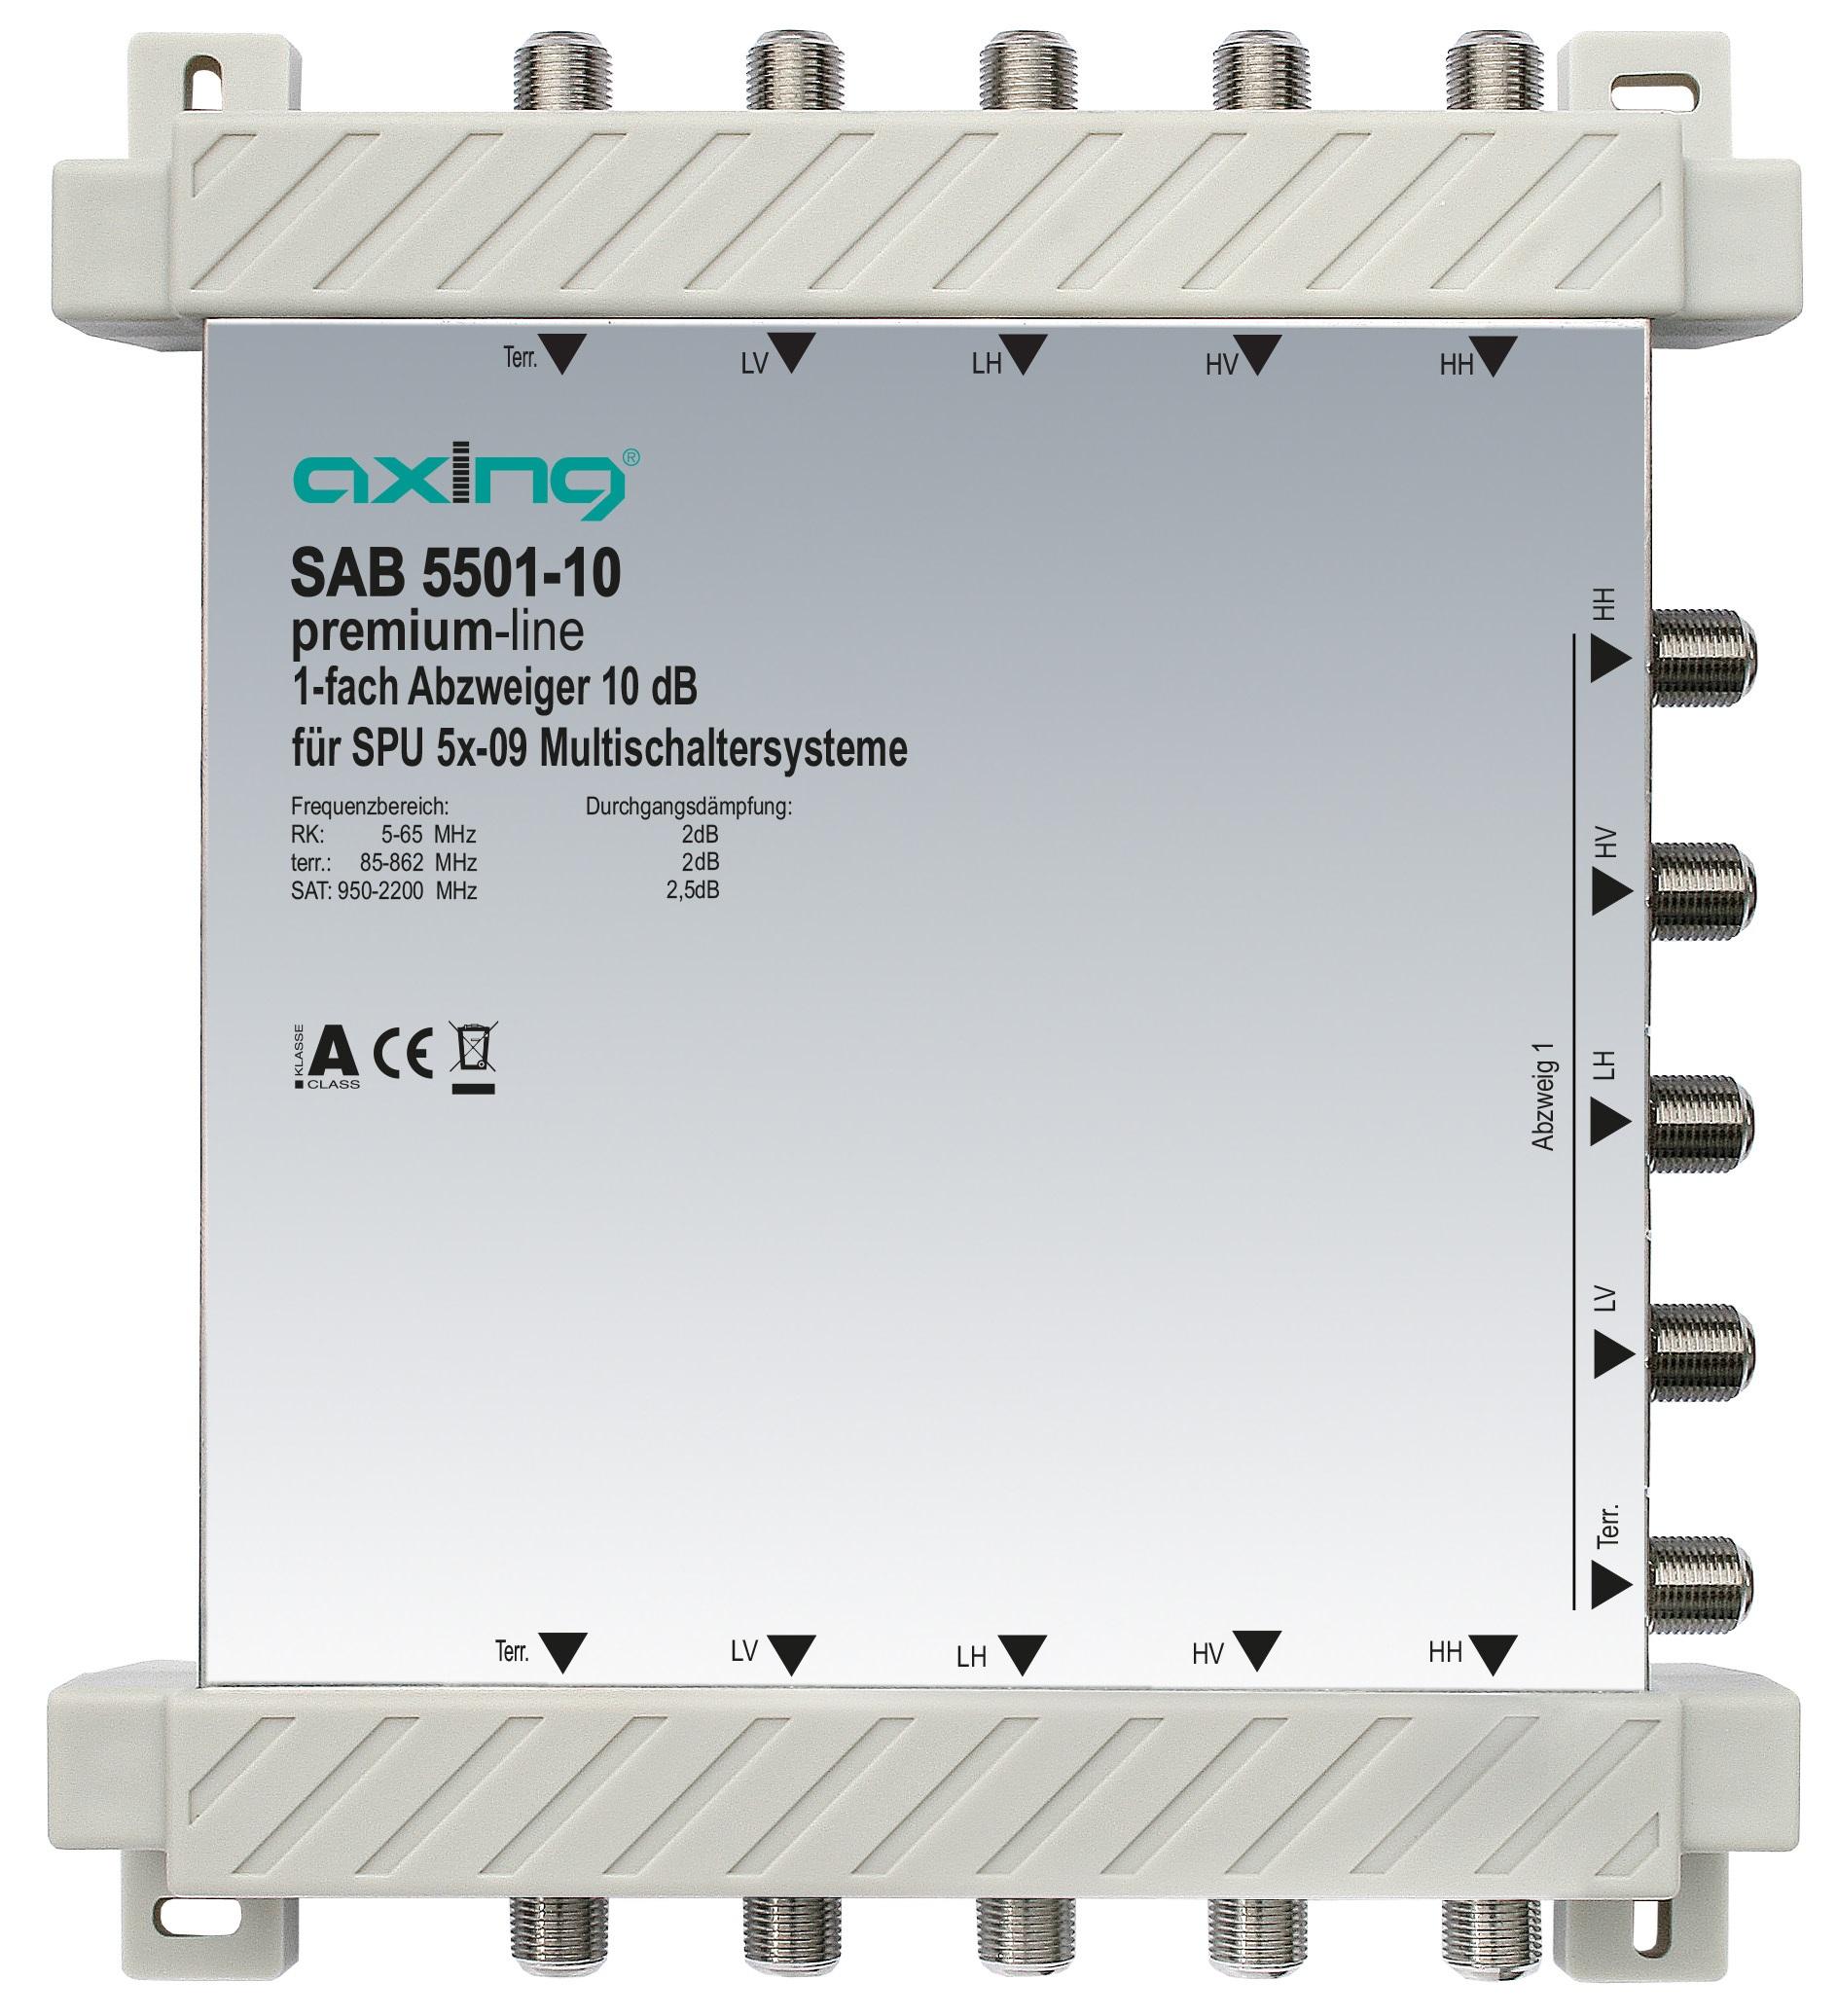 1 Stk 1-fach Abzweiger, 5 in 5, 10 dB, 5 bis 2200 MHz, SAB5501-10 HSZUV55110